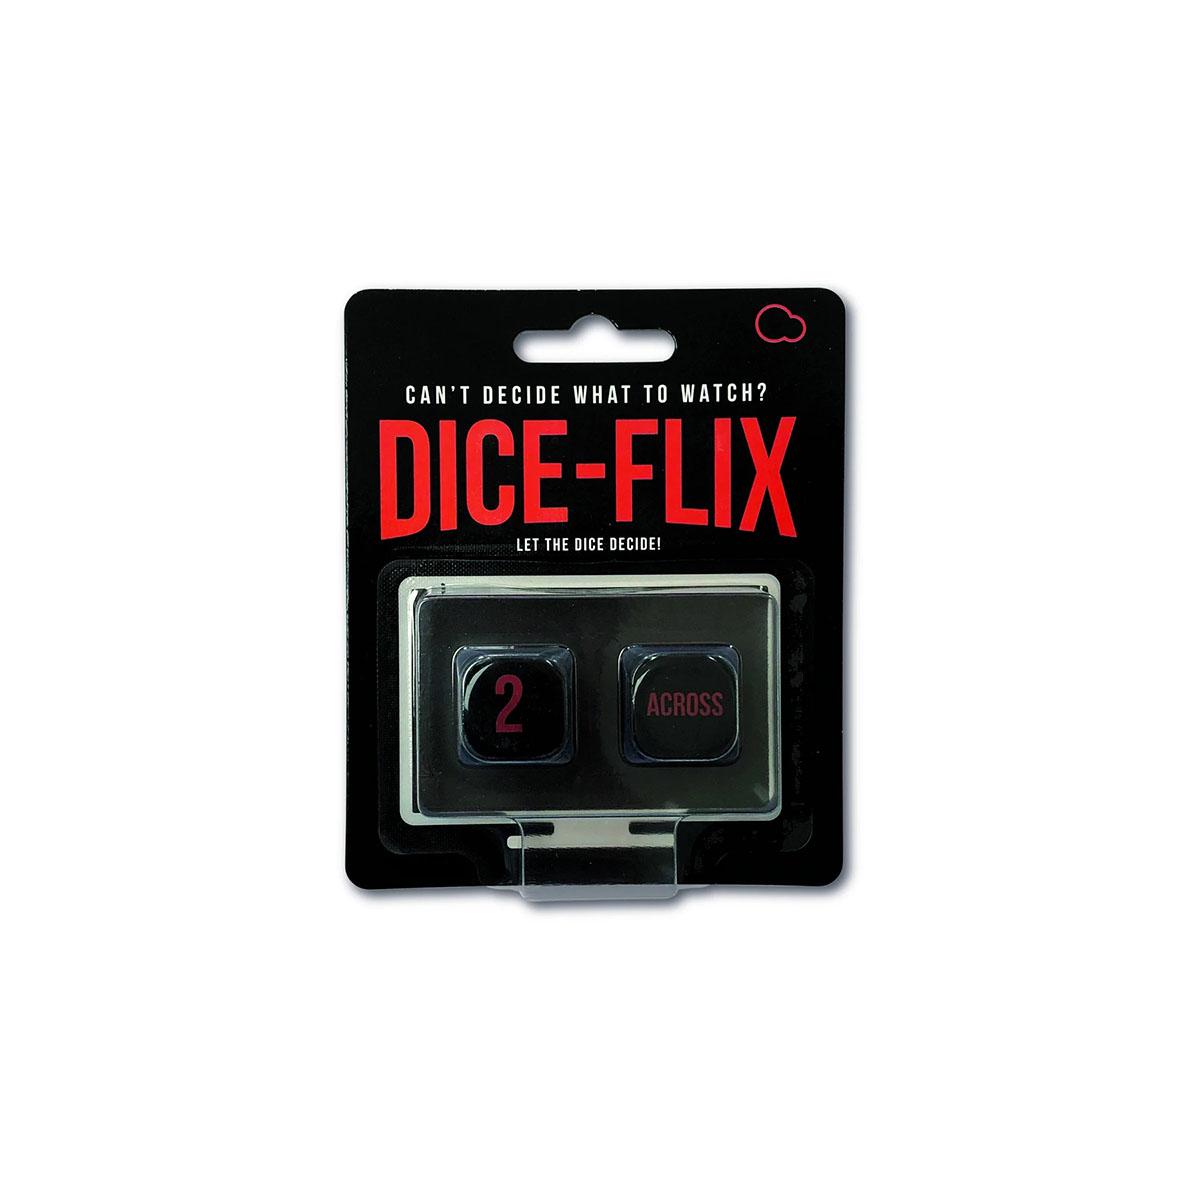 Dobbelstenen Dice-Flix voor filmkeuze